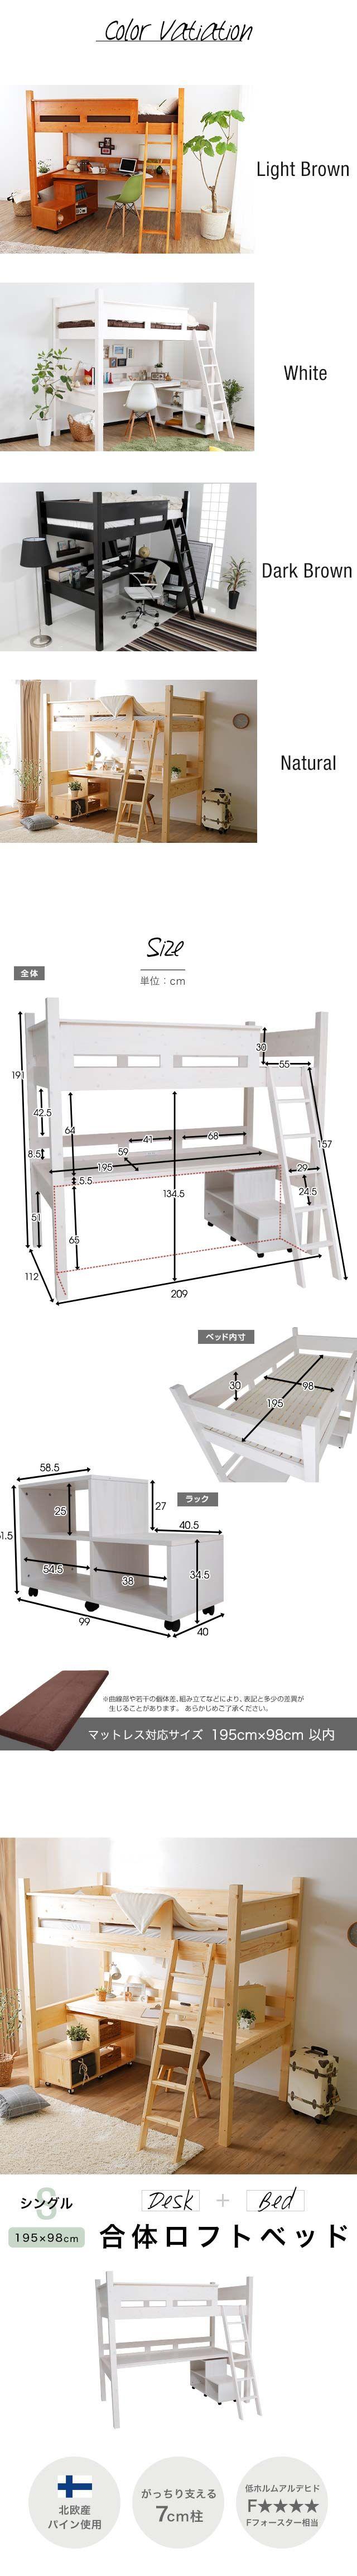 ワンルームにもオススメのシステムベッドです!■サイズ幅209x奥行112(ハシゴ含:160cm)x高さ191cm■素材本体:天然木(パイン材)塗装:ラッカー(NC塗装)スノコ:単板積層材(LVL)天板:天然木化粧繊維板(MDFパイン材)■カラーライトブラウン、ダークブラウン、ホワイト、ナチュラル■重量117kg■耐荷重ベット部分 約90kg、テーブル部分 約60kg■梱包サイズ幅205x奥行120x高さ19cm幅201x奥行55x高さ20cm幅104x奥行100x高さ9cm幅210x奥行63x高さ10cm幅103x奥行43x高さ15cm※5梱包・約112.6kg■備考※送料6,250円※北海道・沖縄県・離島は別途送料お見積もりです。※お客様組立て式(2人以上での作業をオススメします)※高さ20cm以上のマットレスは使用不可※お子様がご使用の際、保護者の方は十分なご注意をお願いします。※床板の上に立ち上がったり、飛び跳ねたりしないで下さい。※当商品は板の一部に補修痕や小キズが見受けられます。予めご容赦下さい。ロフトベッド nosk ノスク ロフトベット シングル 木製 机付き…